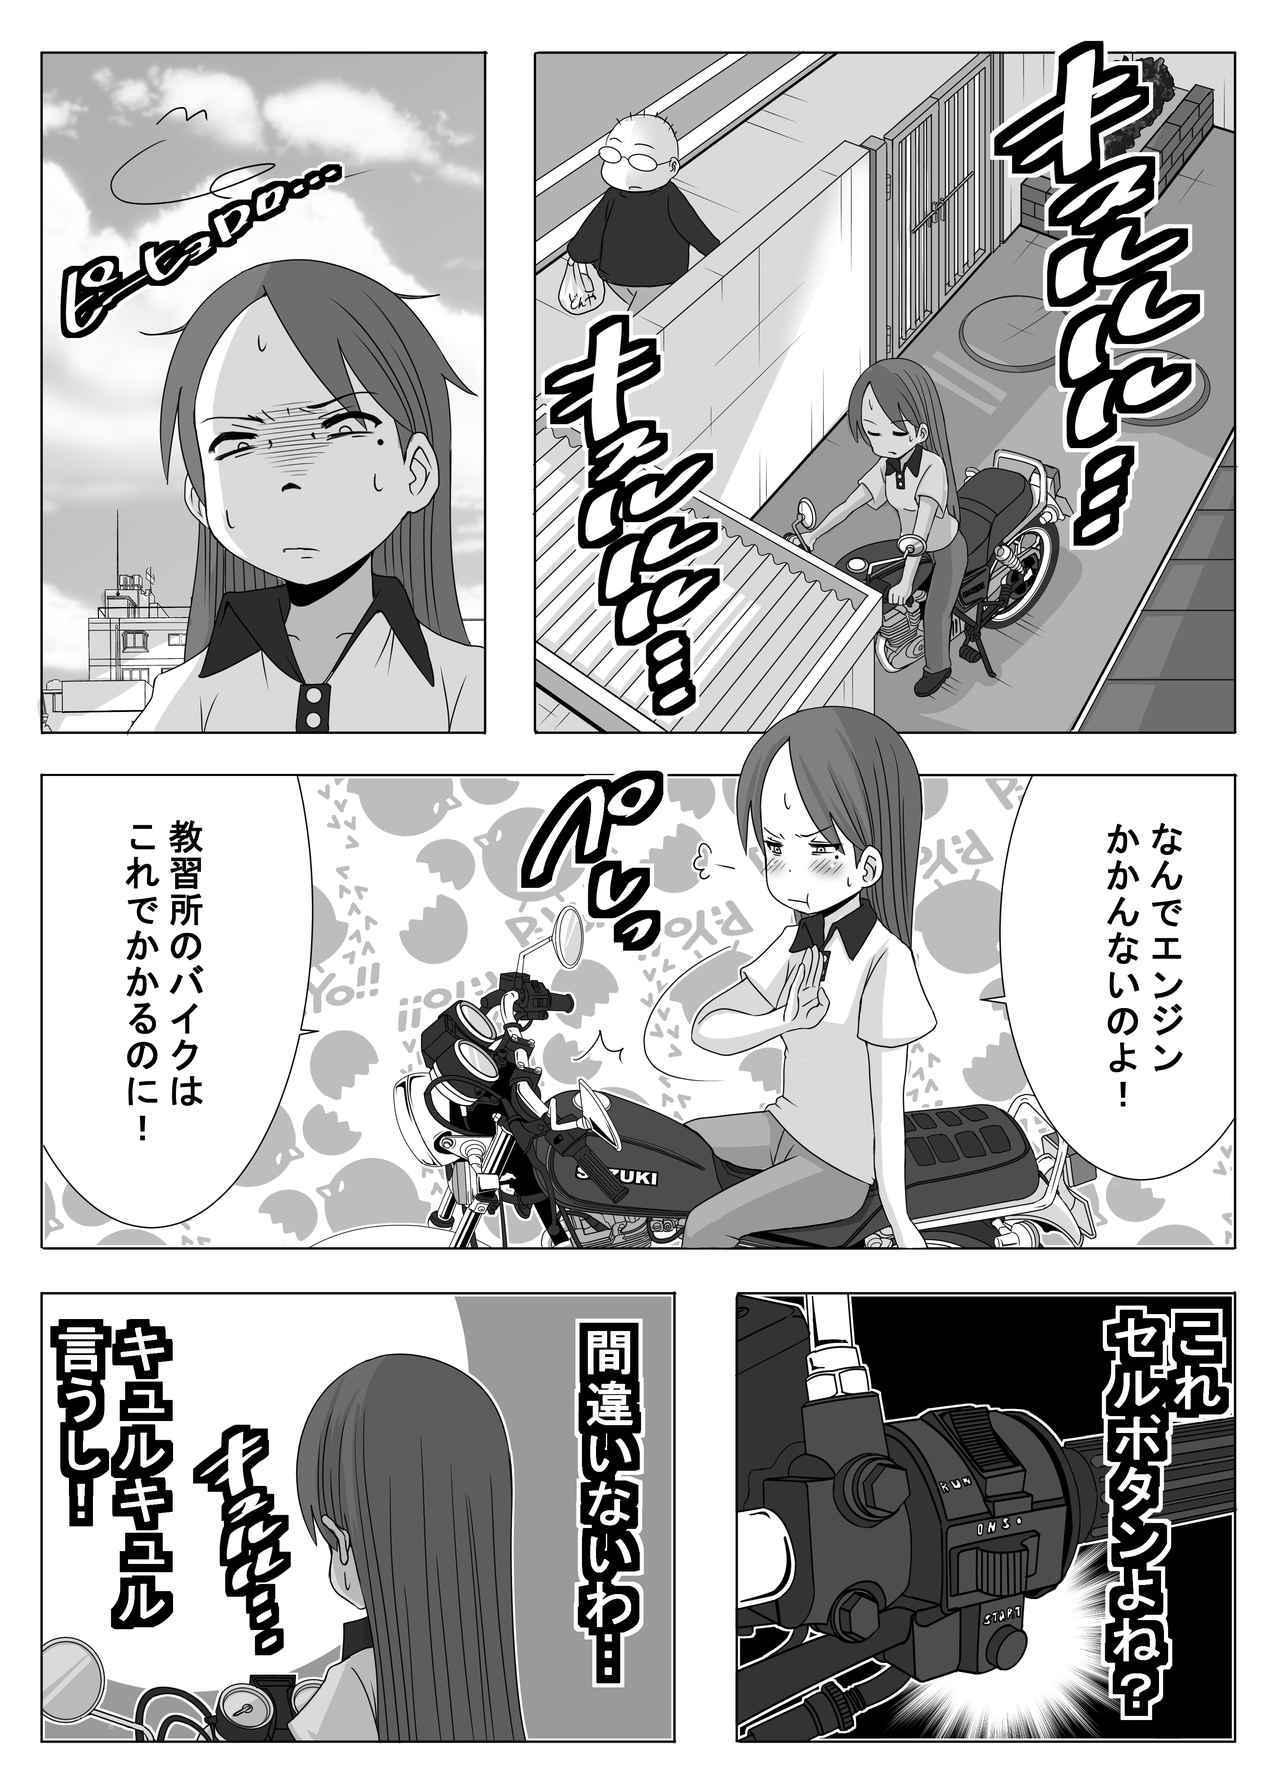 画像2: 【連載】馬場郁子がこよなくバイクを愛す理由(第九話:おバイクが人に似ているワケ)作:鈴木秀吉